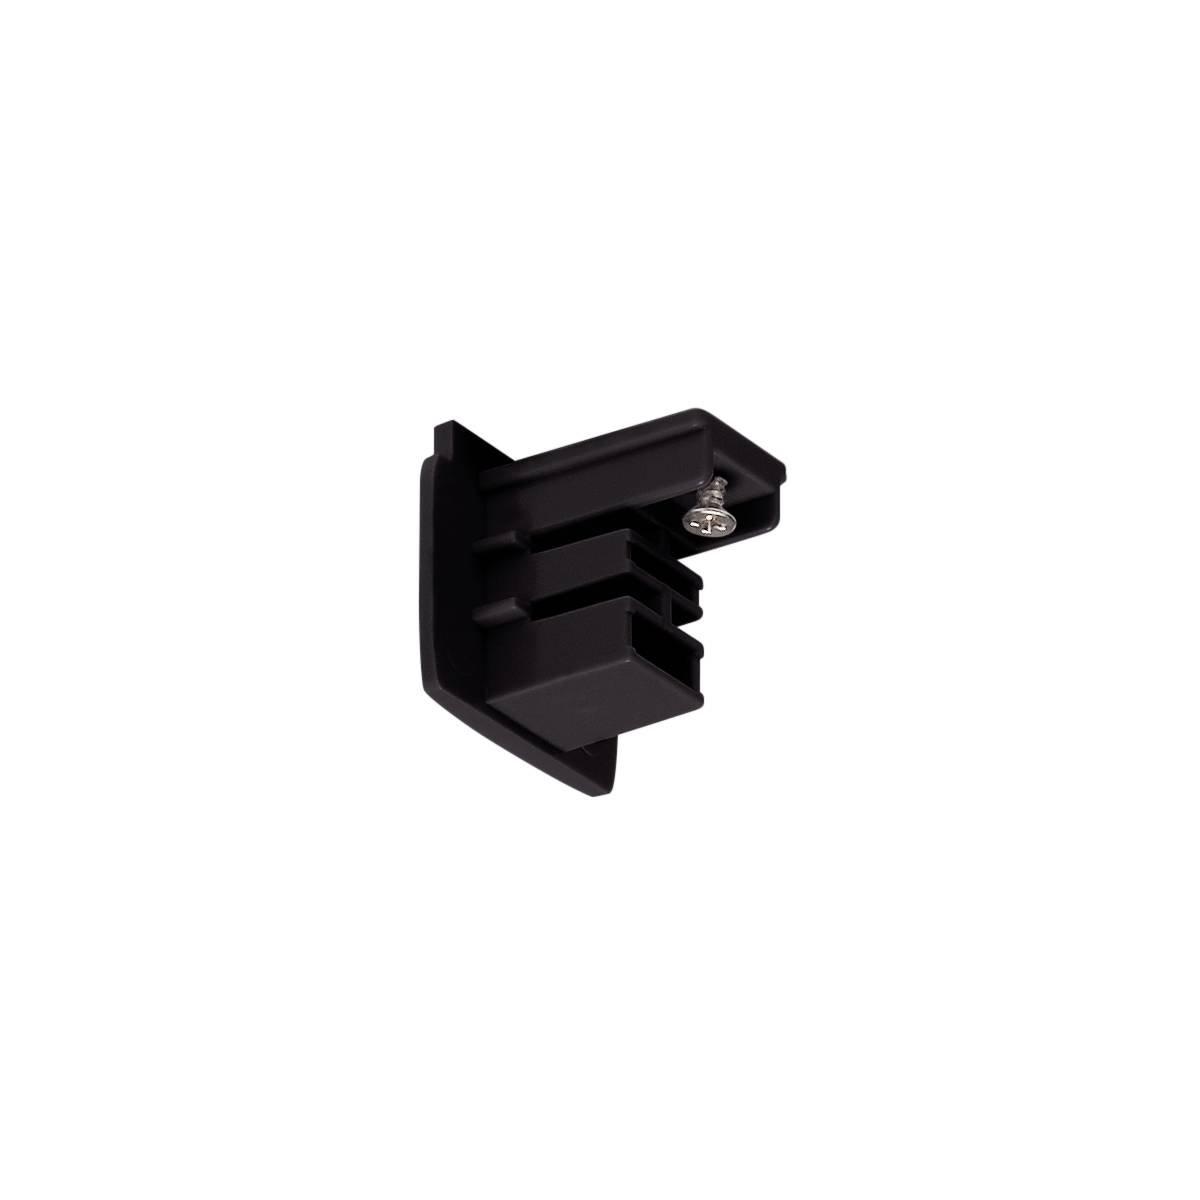 Endkappen für S-Track 3-Phasen Aufbauschiene in schwarz